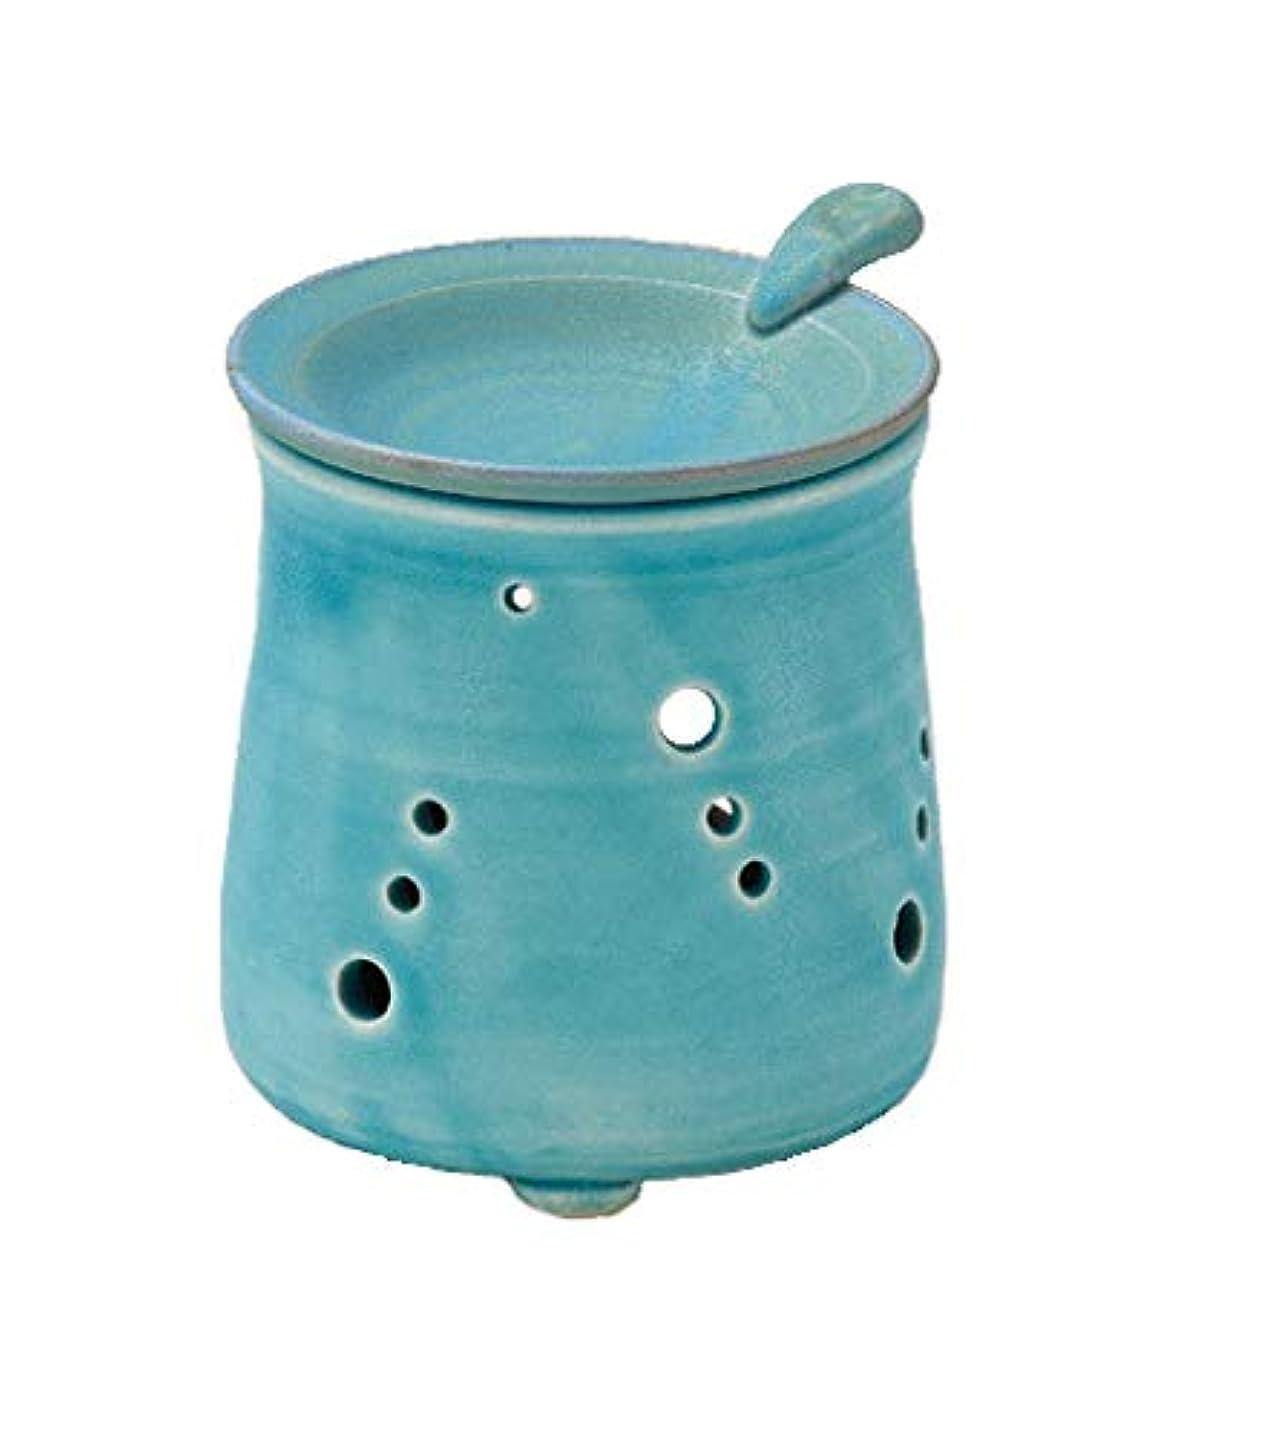 防衛文庫本単独でヤマキイカイ 置物 ブルー 径9.5cm 山田トルコブルー 茶香炉 L1616